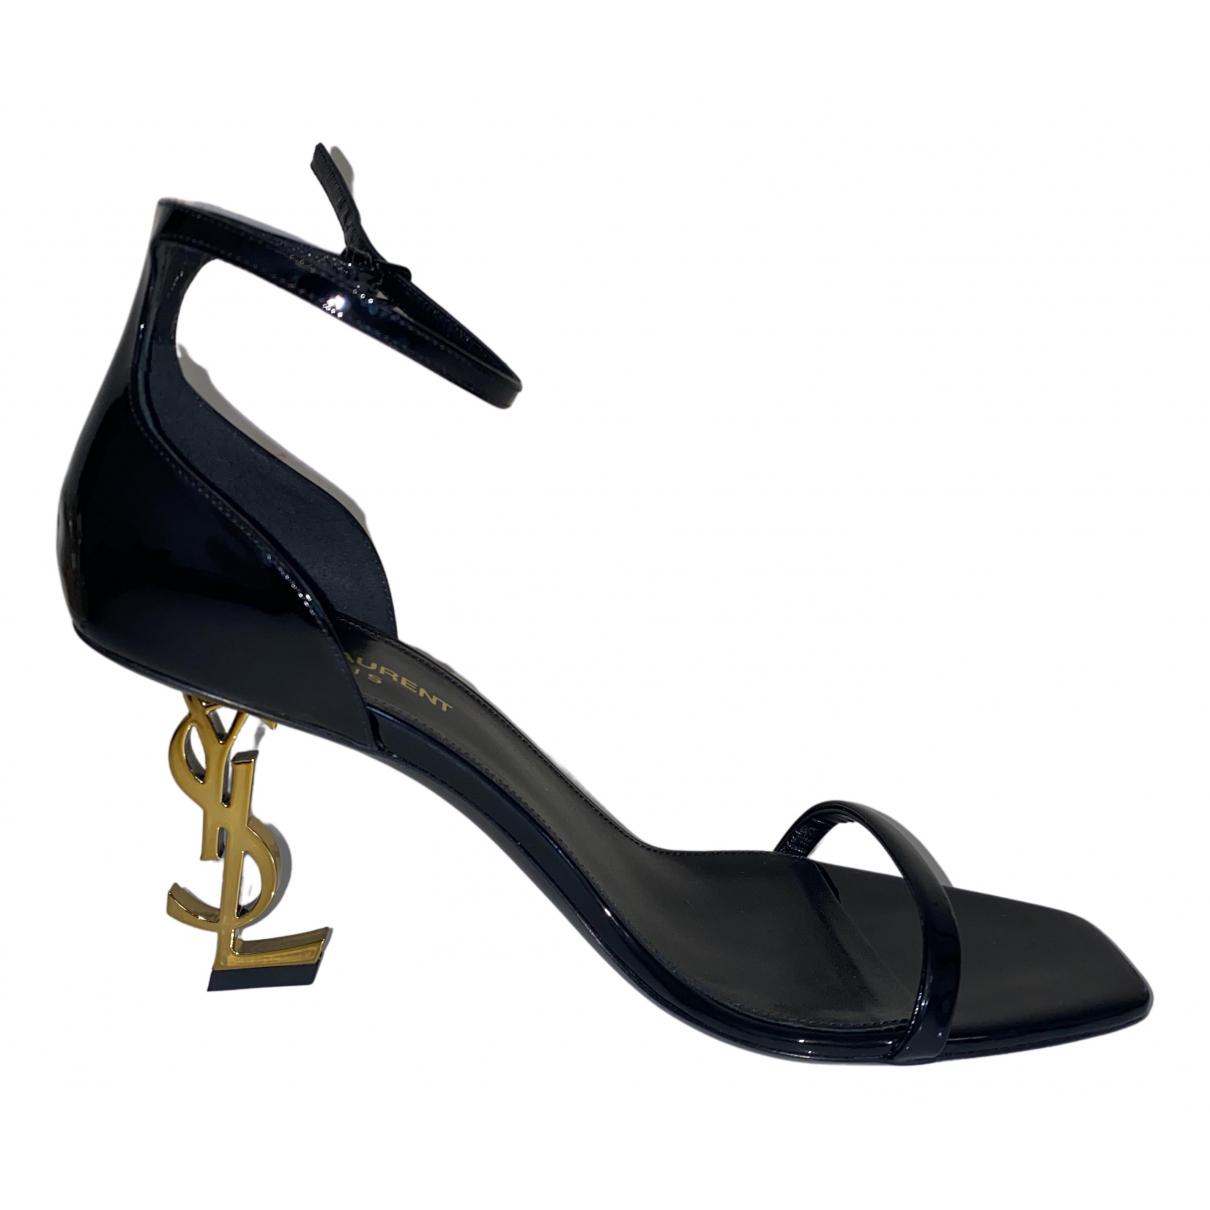 Saint Laurent Opyum Black Patent leather Sandals for Women 38 EU